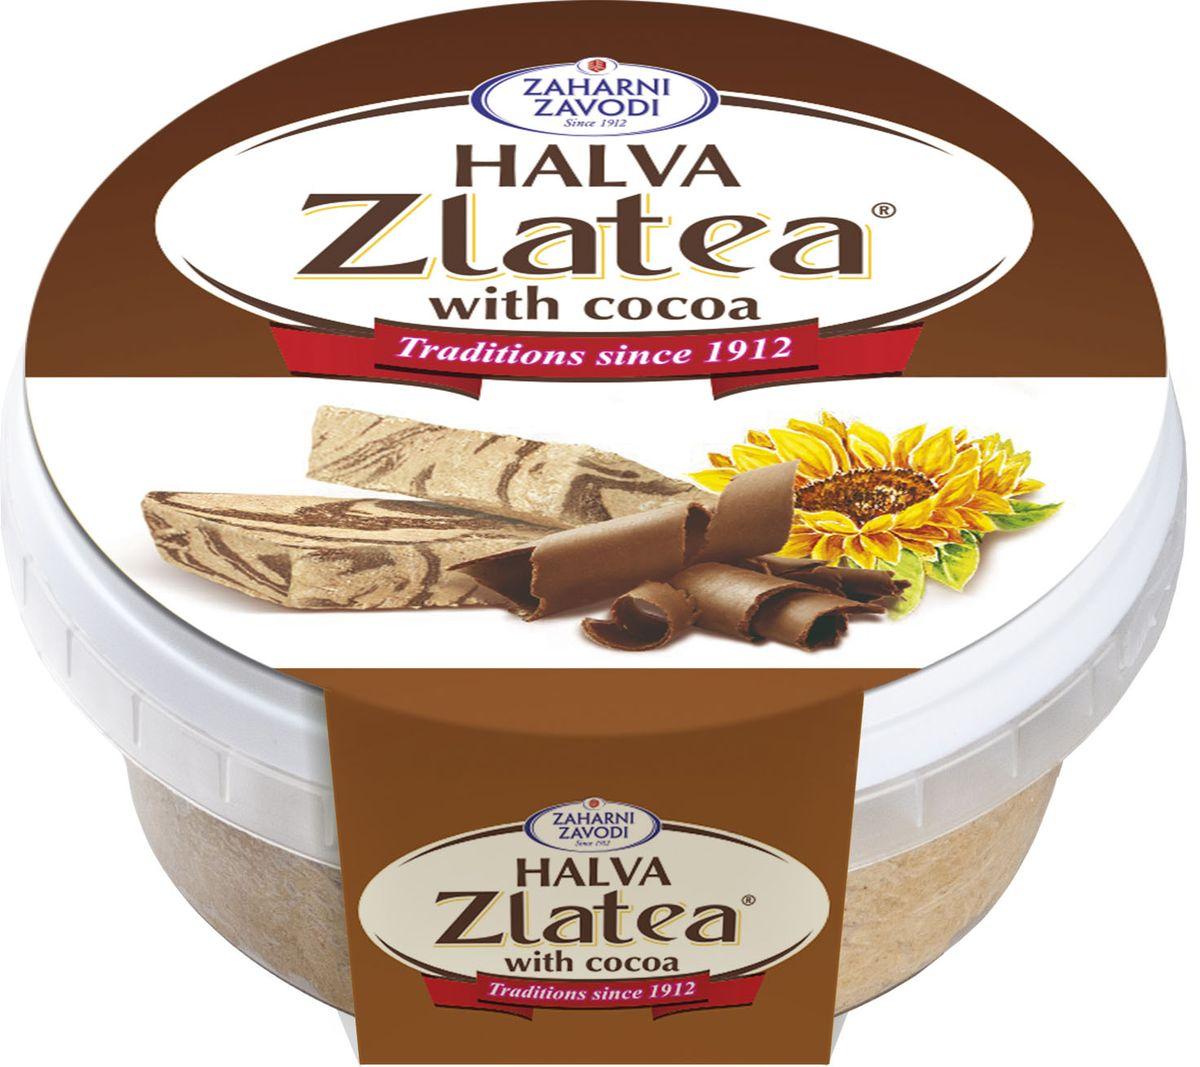 Zaharni Zavodi Zlatea Подсолнечная с какао халва, 280 г